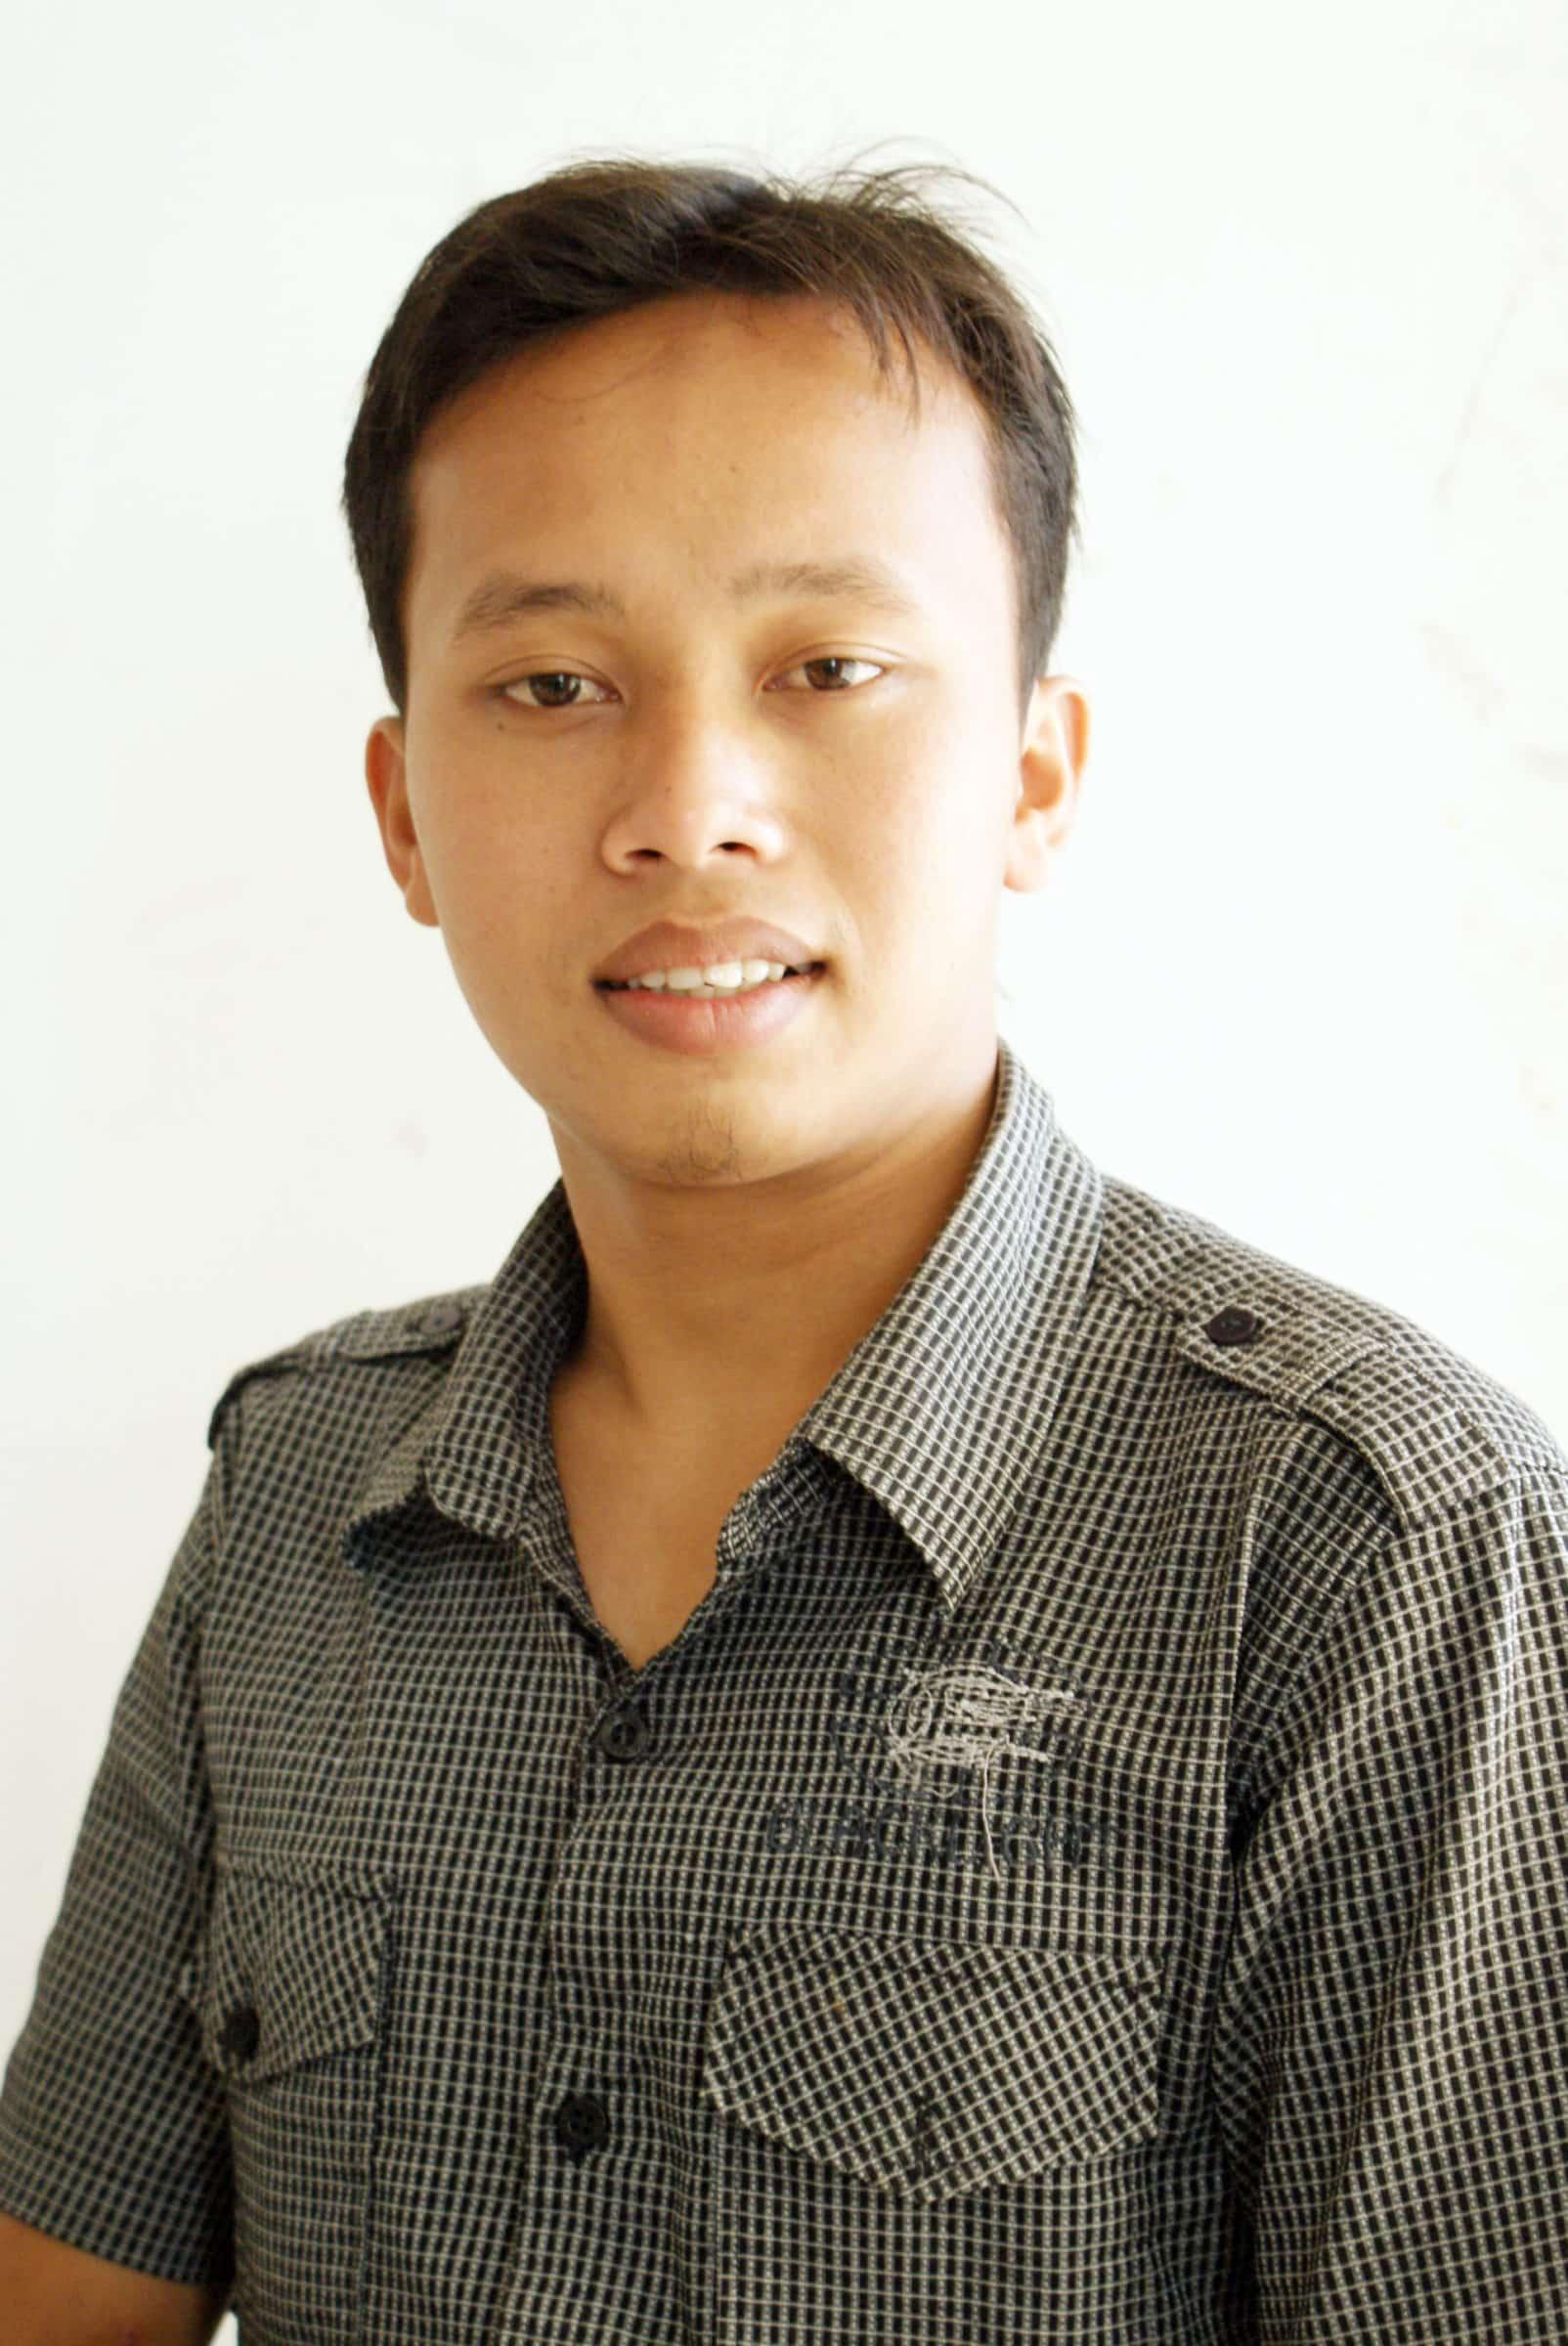 Achmad Sirojul Munir